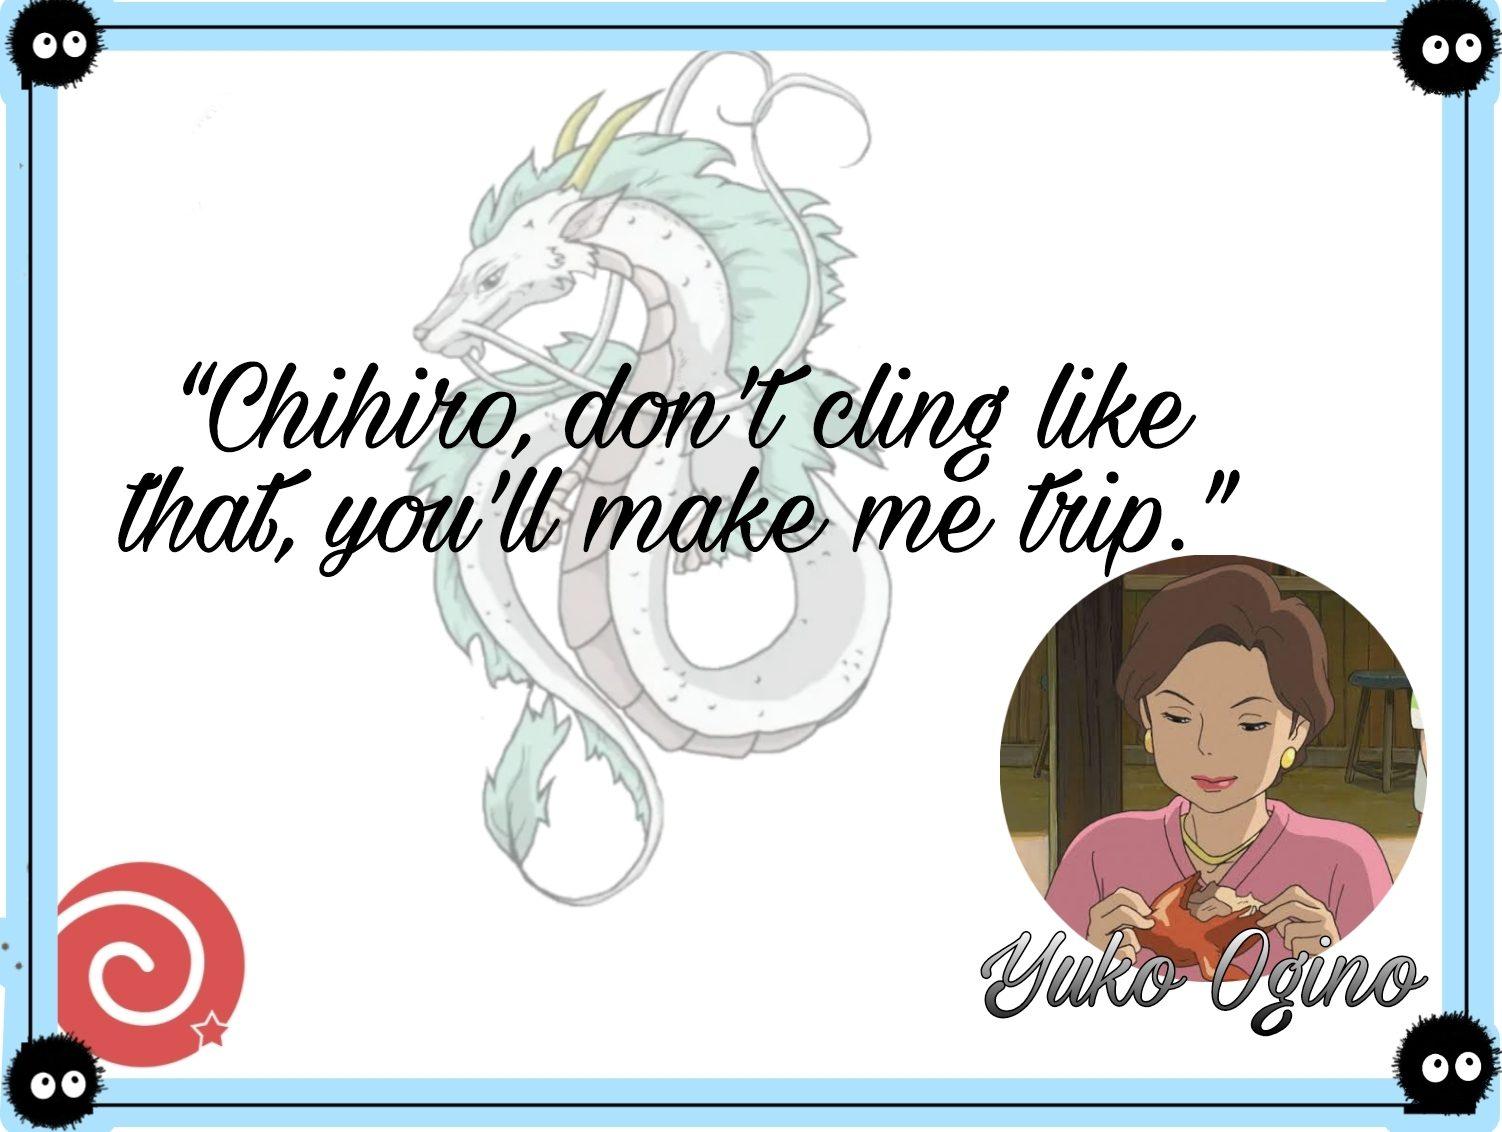 Yuki Ogino quotes